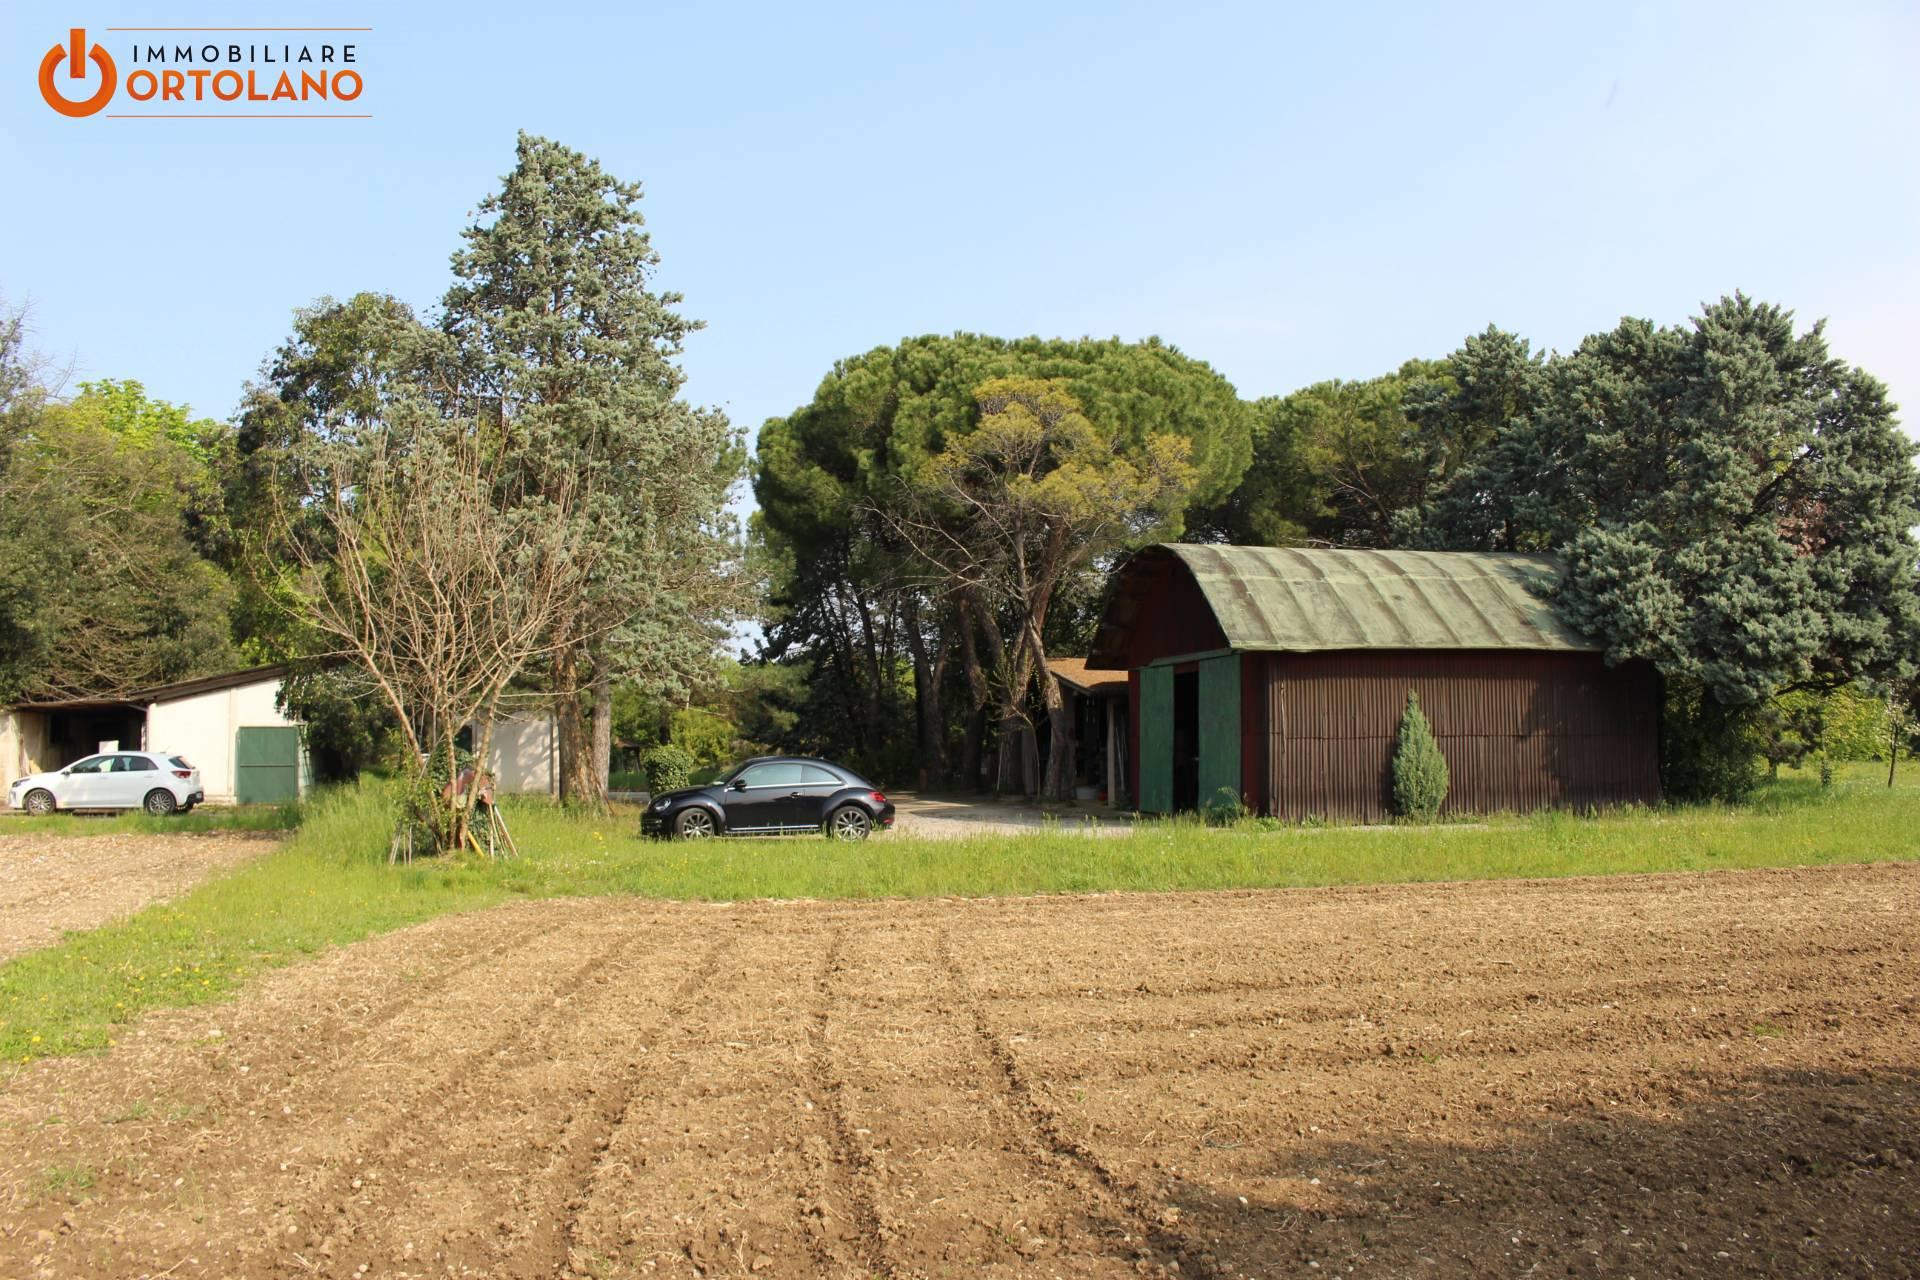 Terreno Agricolo in vendita a Staranzano, 9999 locali, zona Zona: Dobbia, prezzo € 373.000 | CambioCasa.it